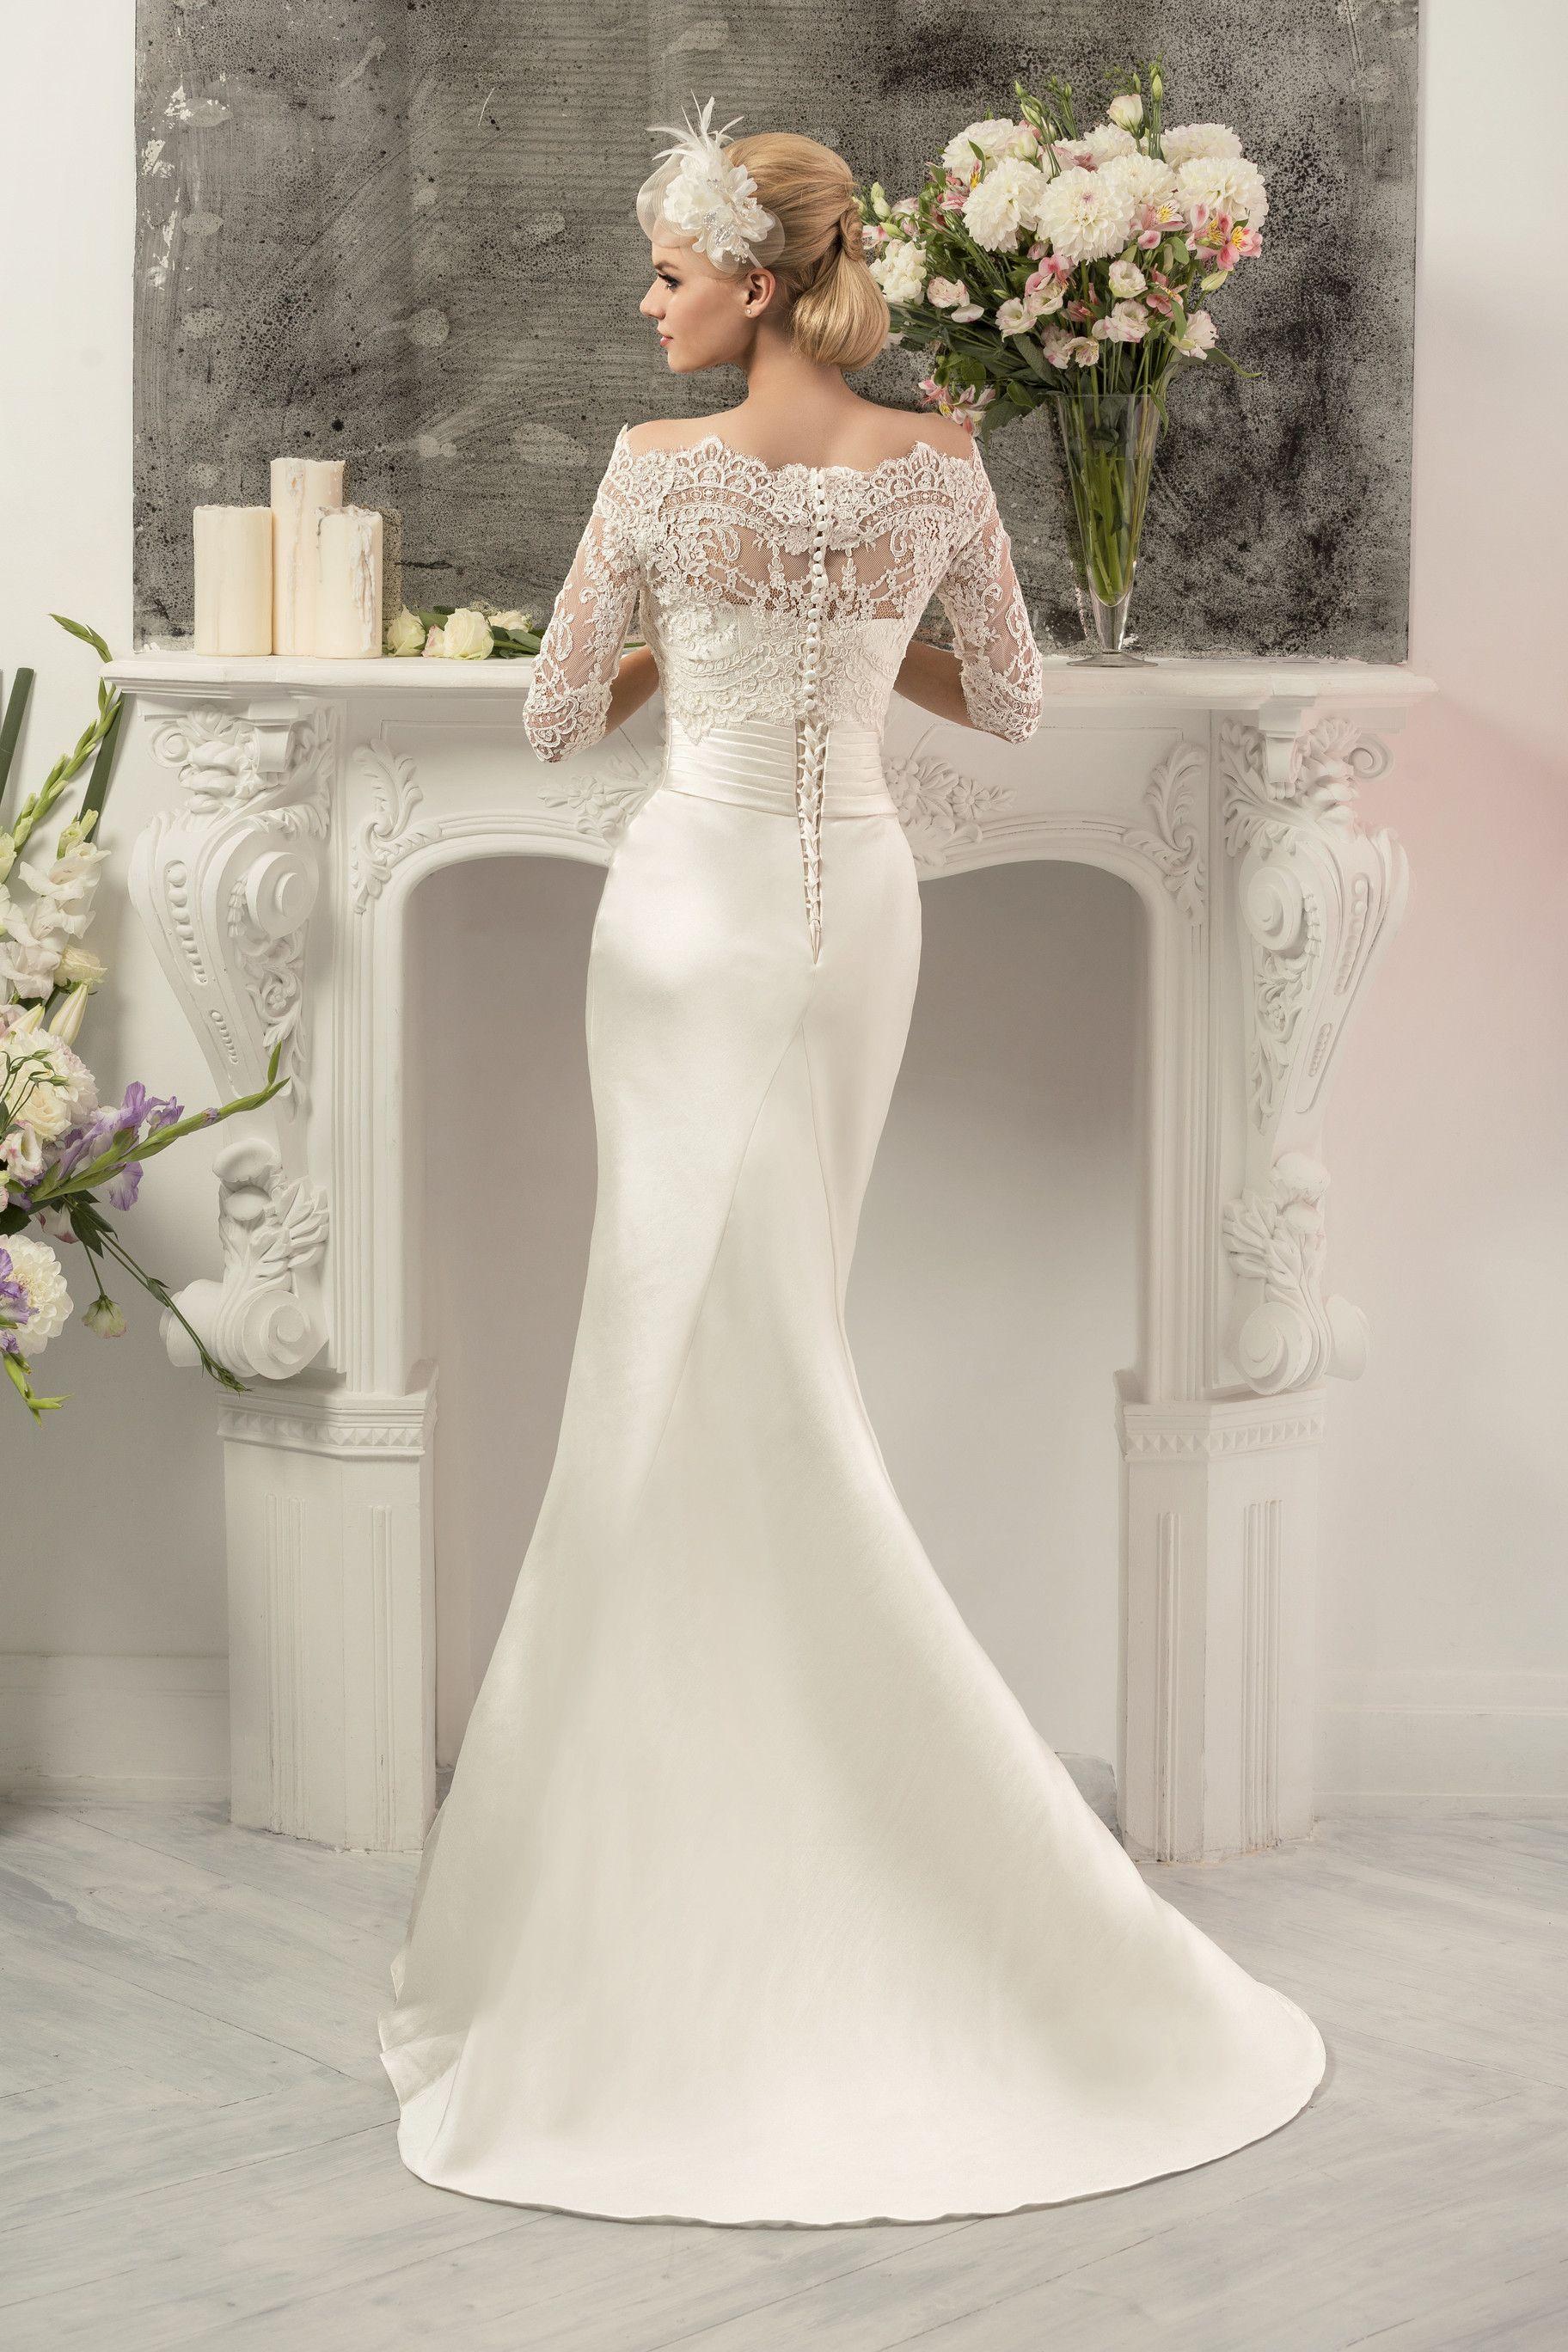 отыскать снимки приталенные свадебные платья фото знают, что такое